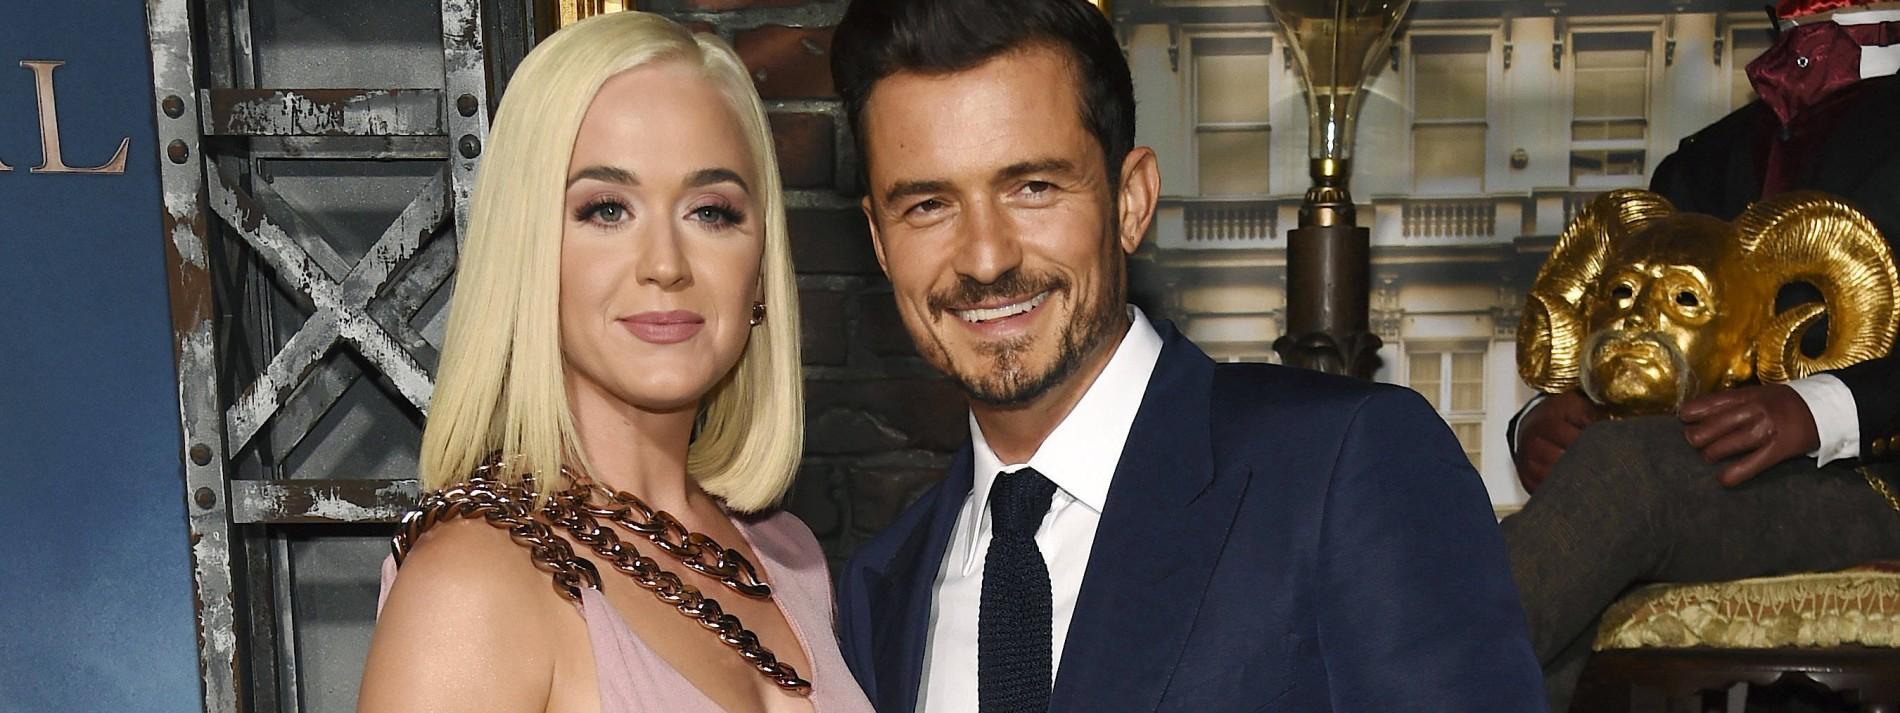 Katy Perry und Orlando Bloom singen Wahl-Song